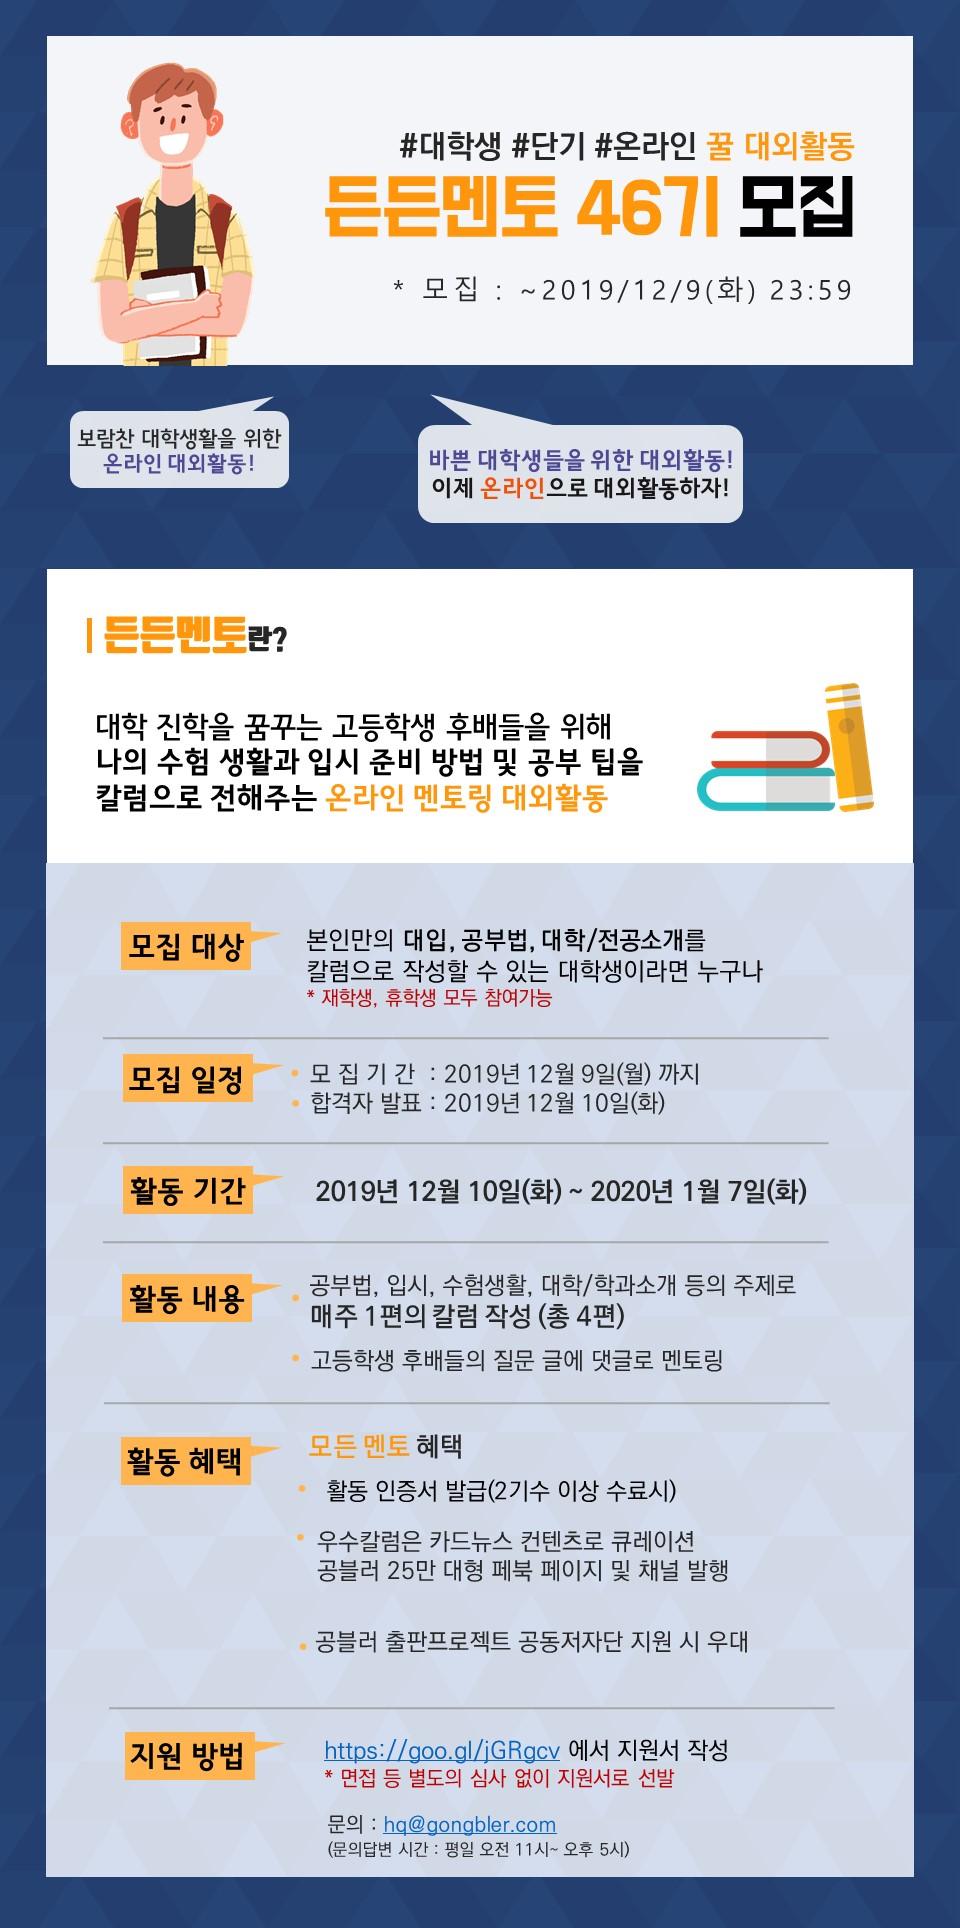 [공블러] 단기 온라인 멘토링 대외활동, 든든멘토 46기 모집(~12/9)